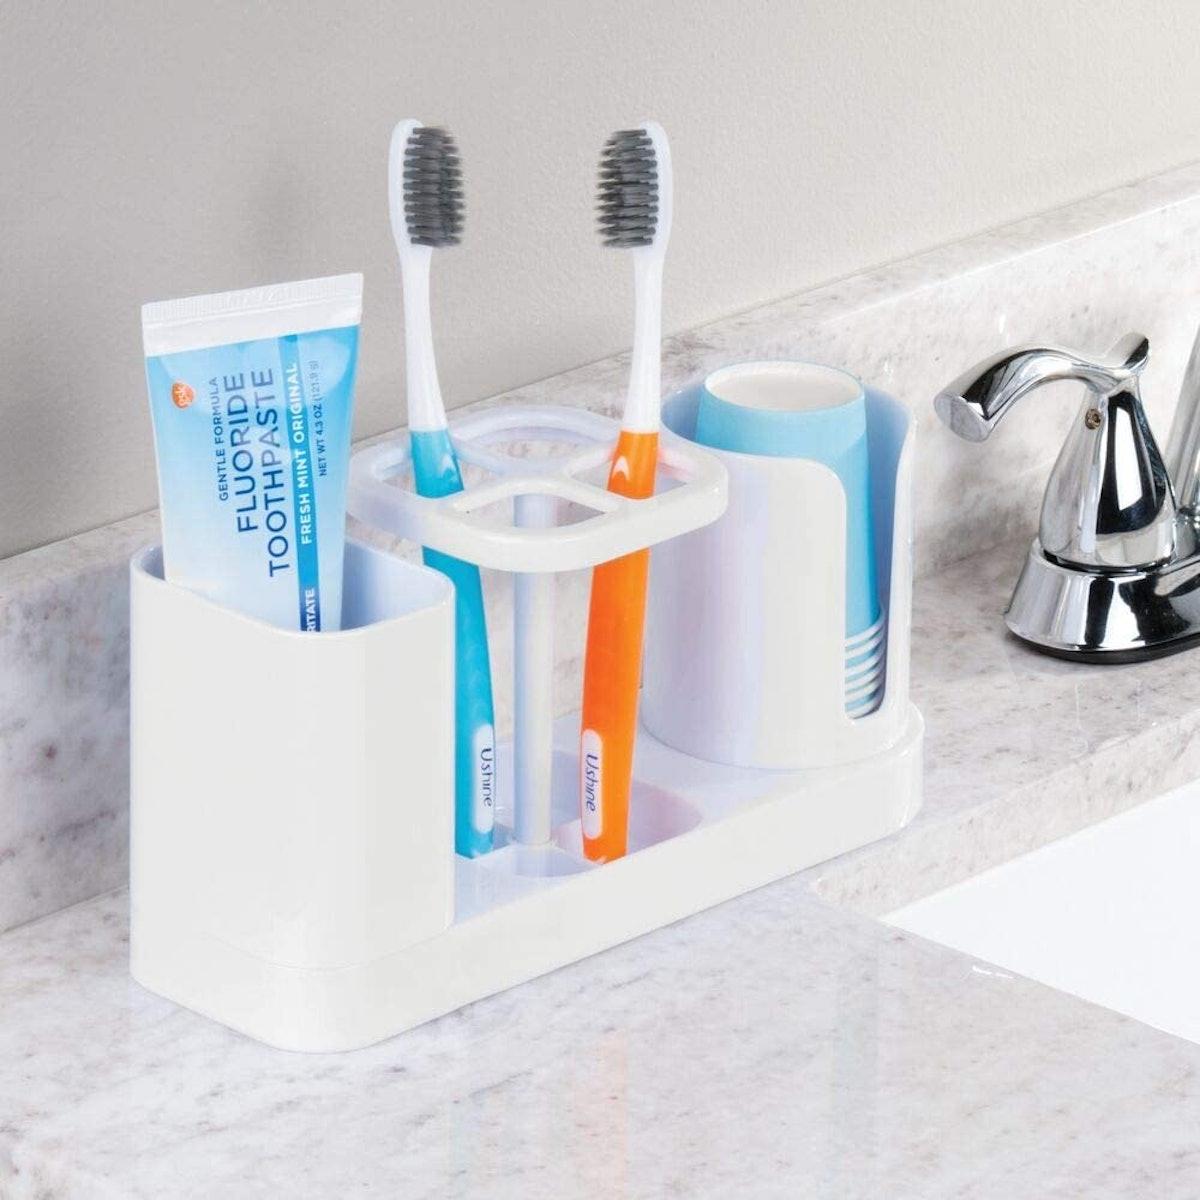 mDesign Toothbrush Holder